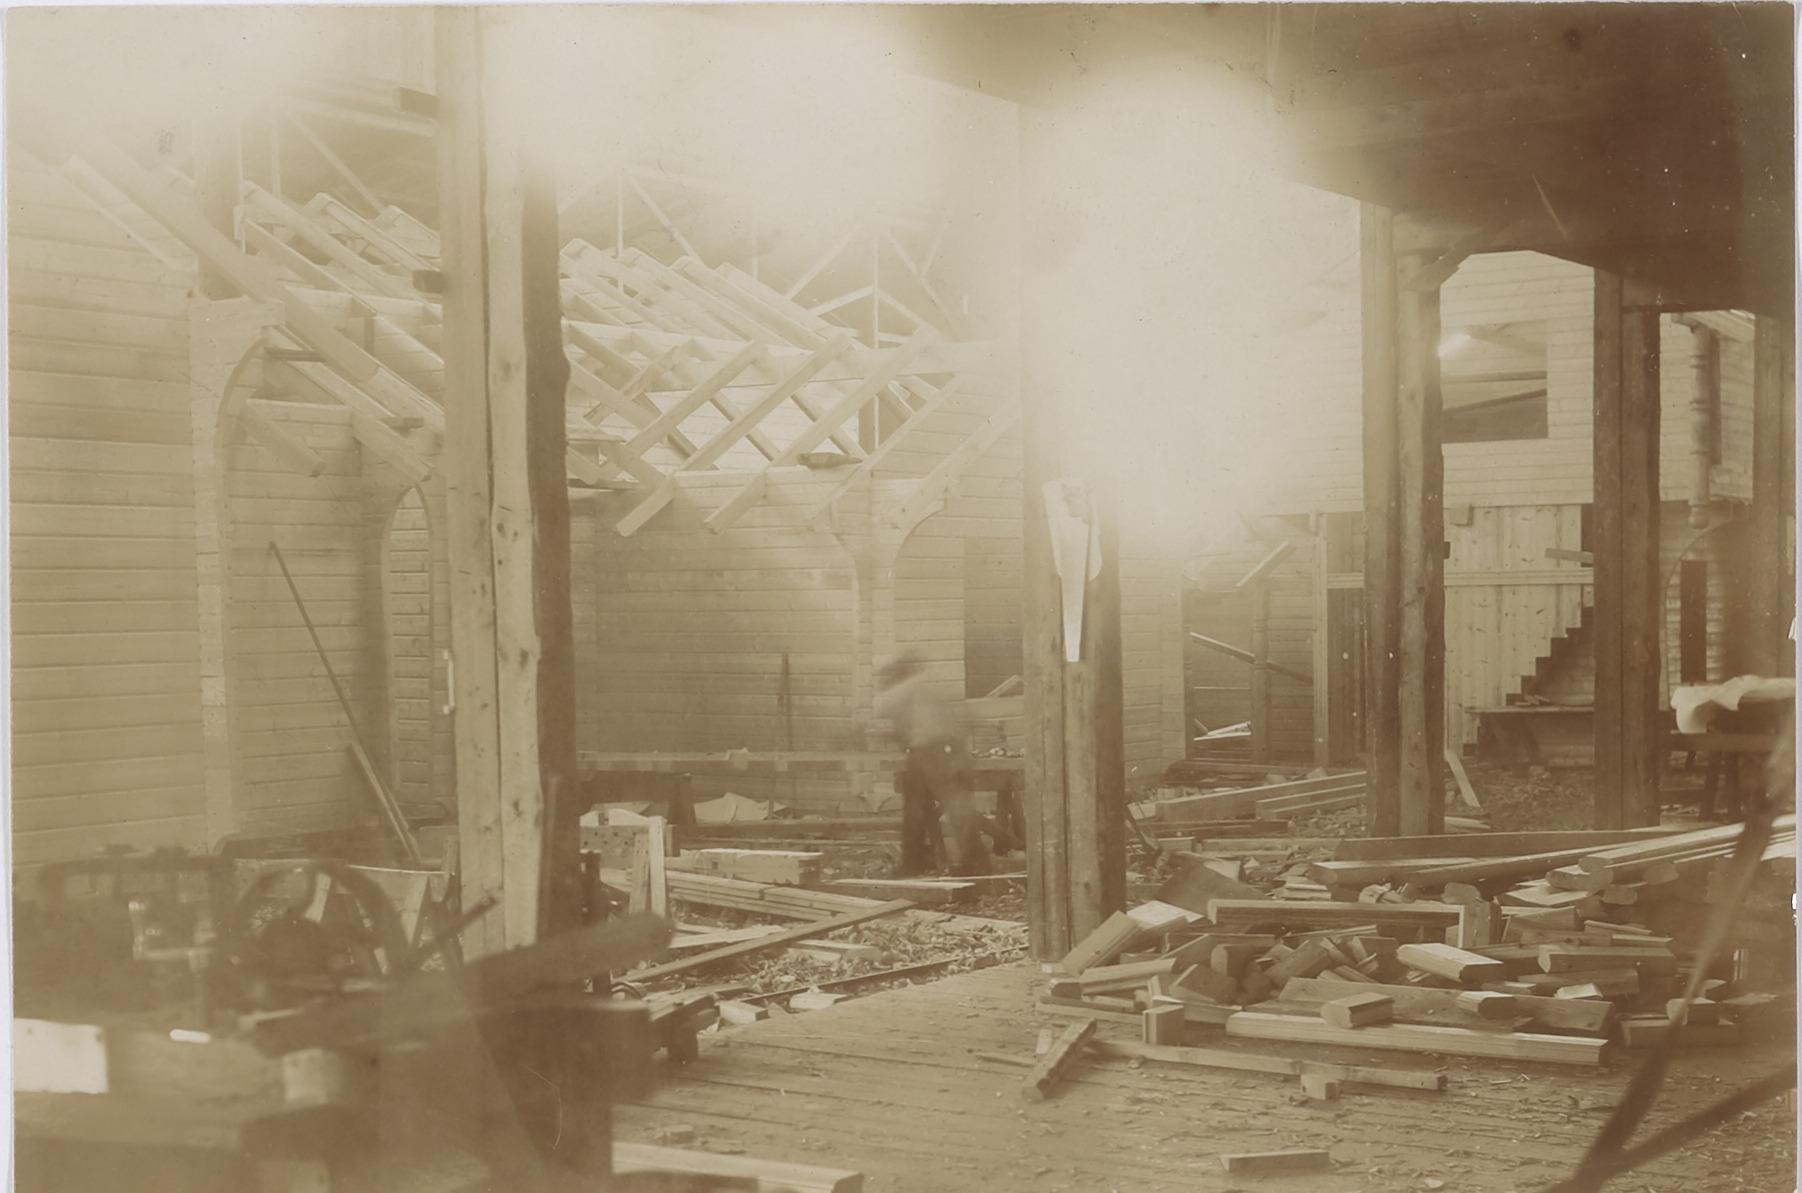 Fot av innsiden av fabrikken. Til venstre på bildet kan en skimte en konstruksjon under oppføring.